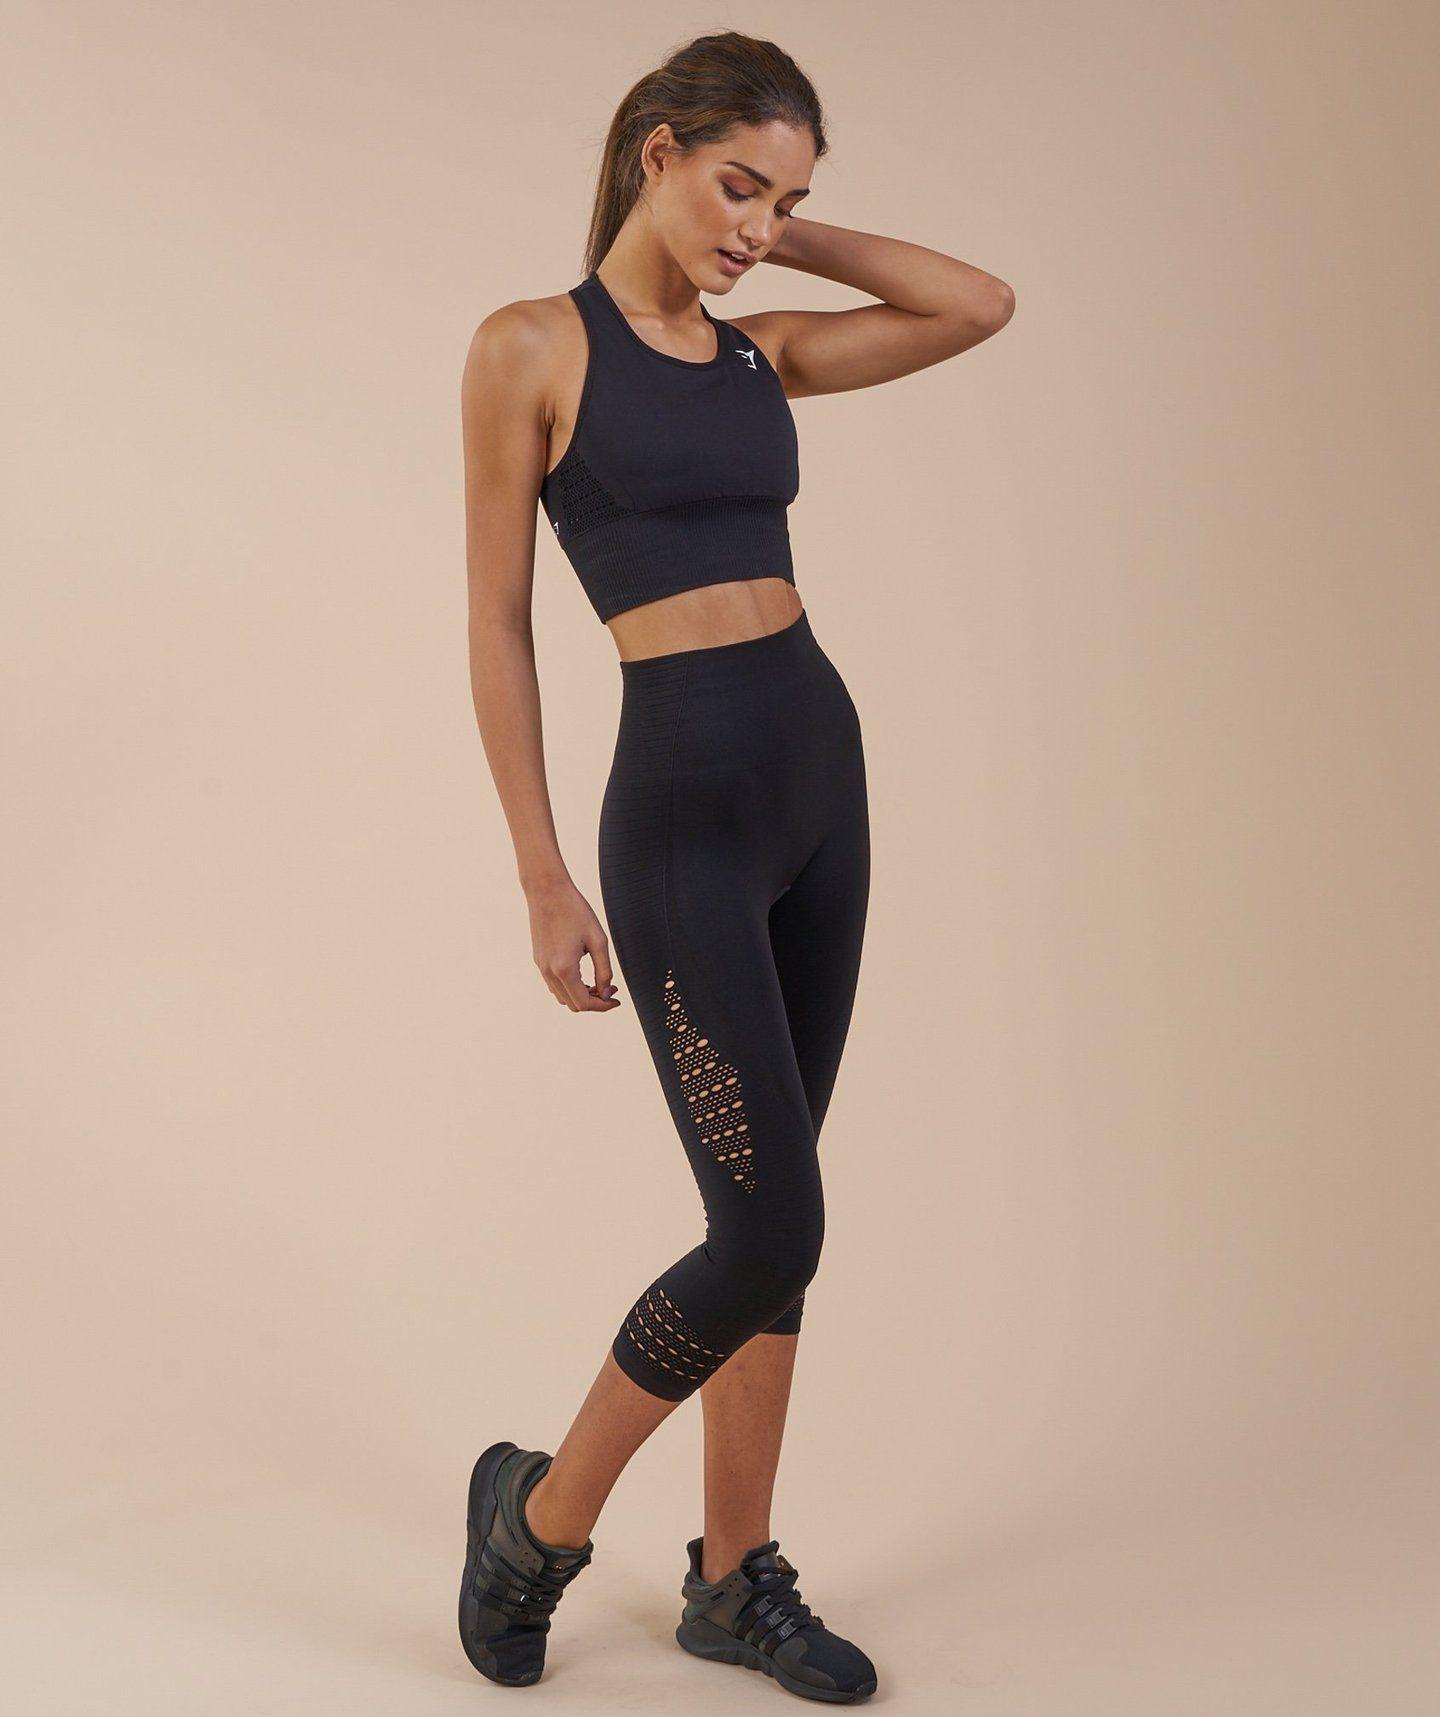 5ec989933d888 Gymshark Seamless Energy High Waisted Cropped Leggings - Black 2